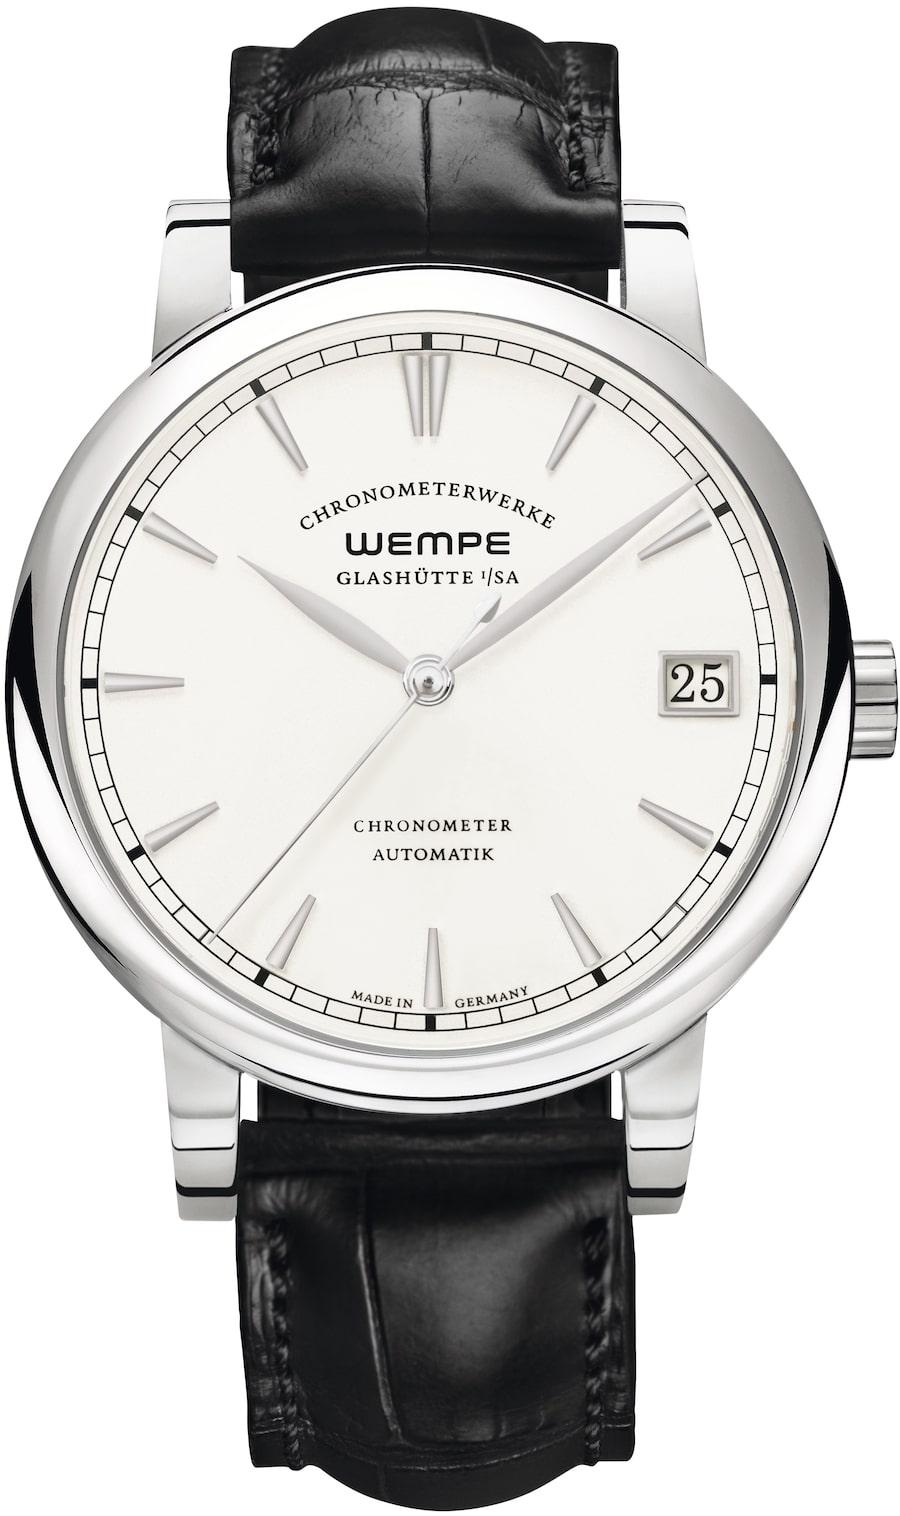 Die Chronometerwerke Automatik beherbergt das Manufakturwerk CW4.